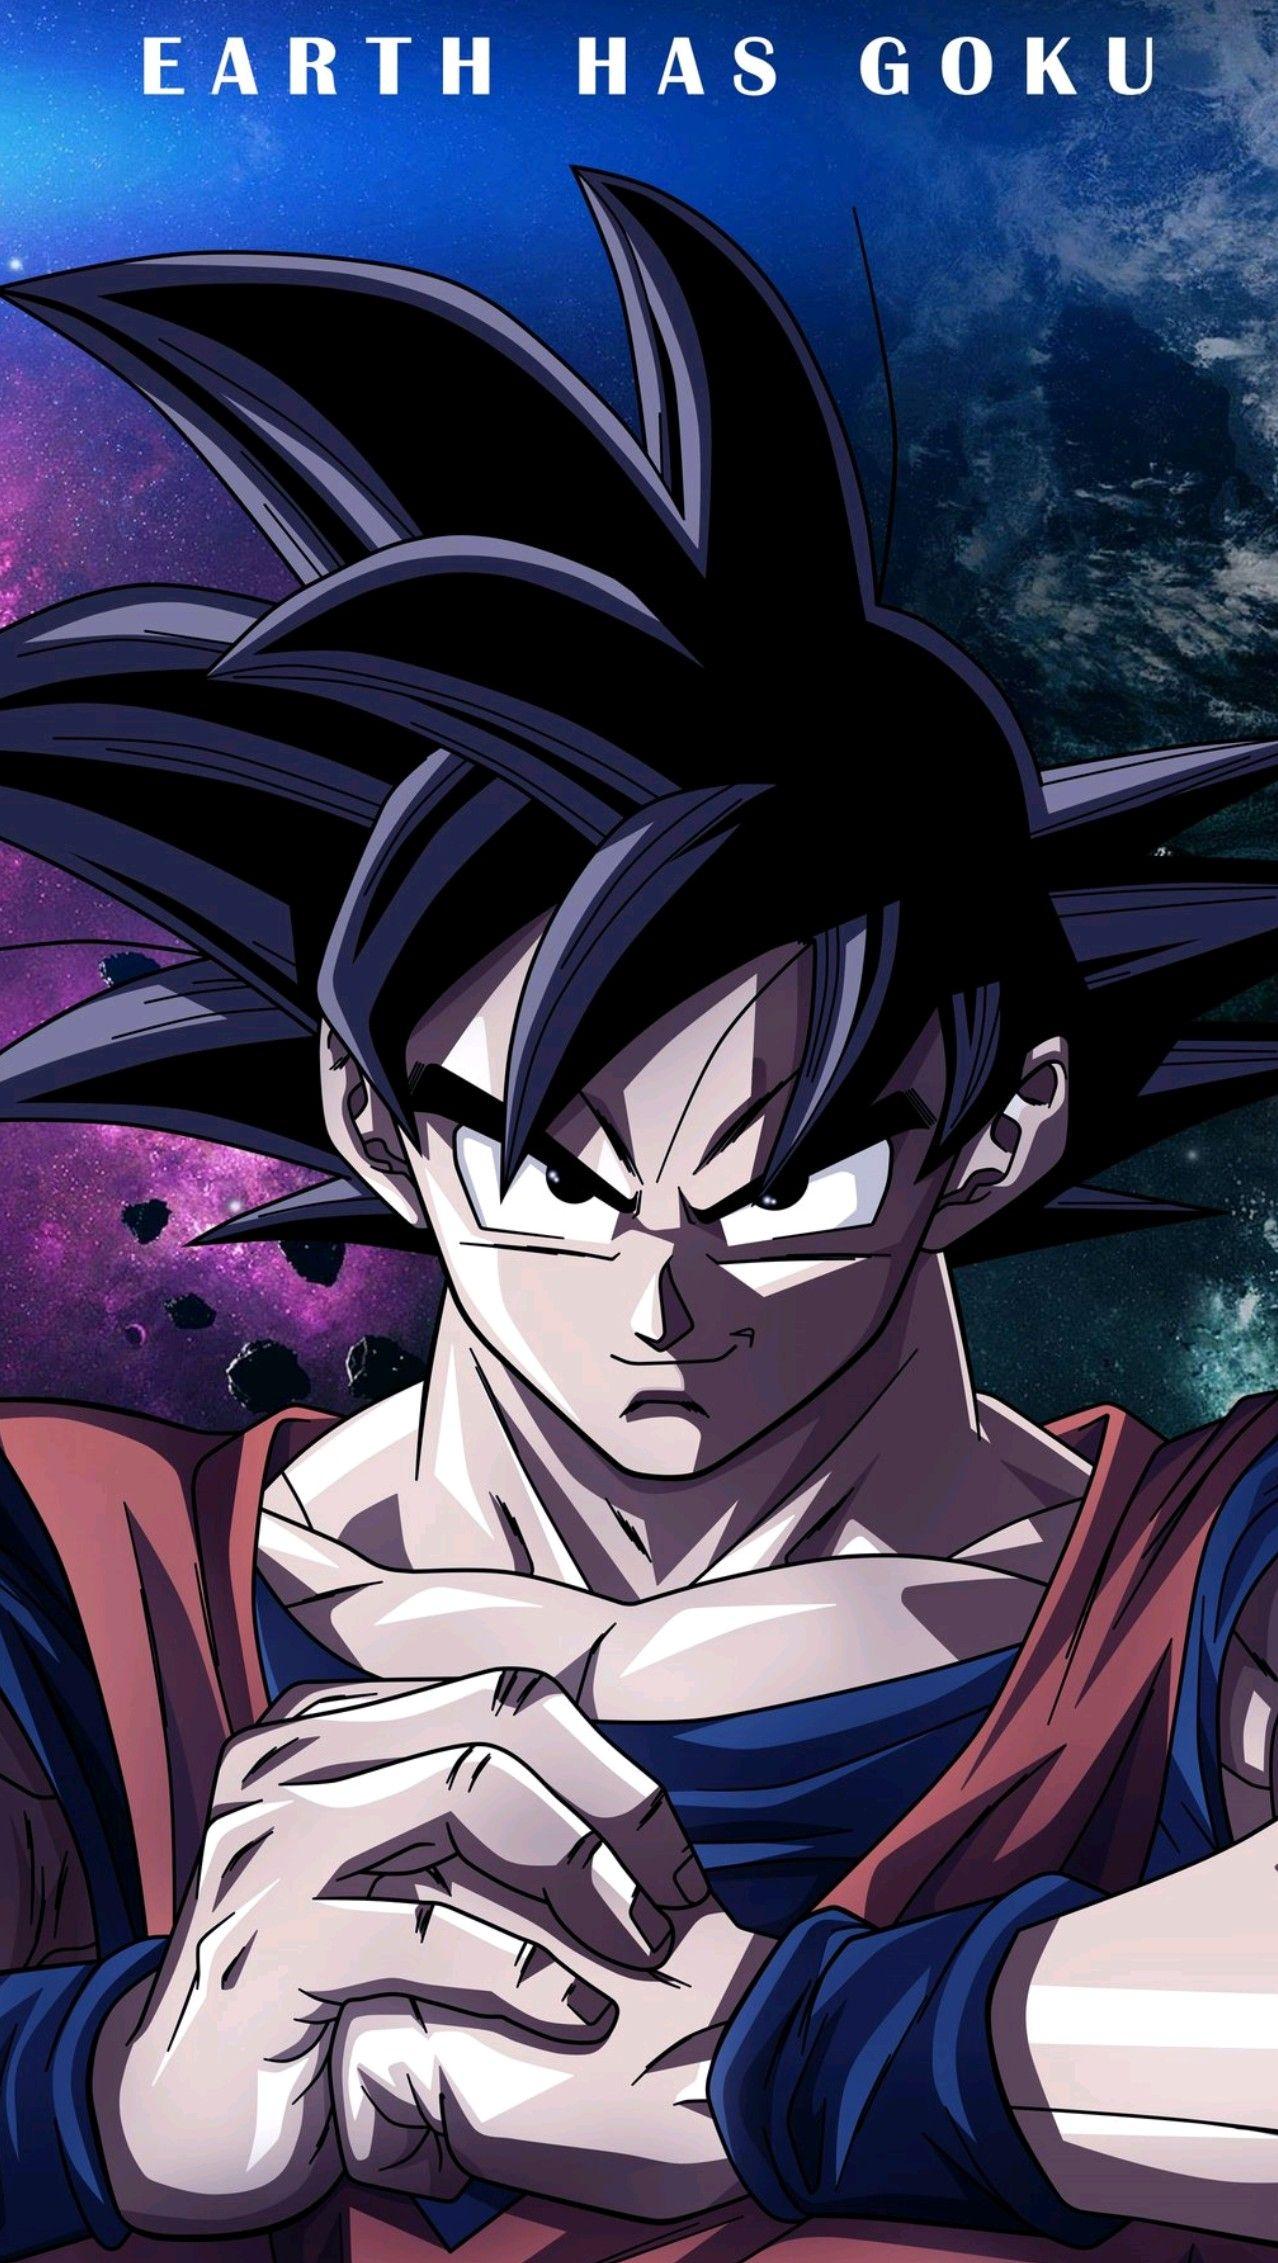 Goku Dragon Ball Z Anime Dragon Ball Super Dragon Ball